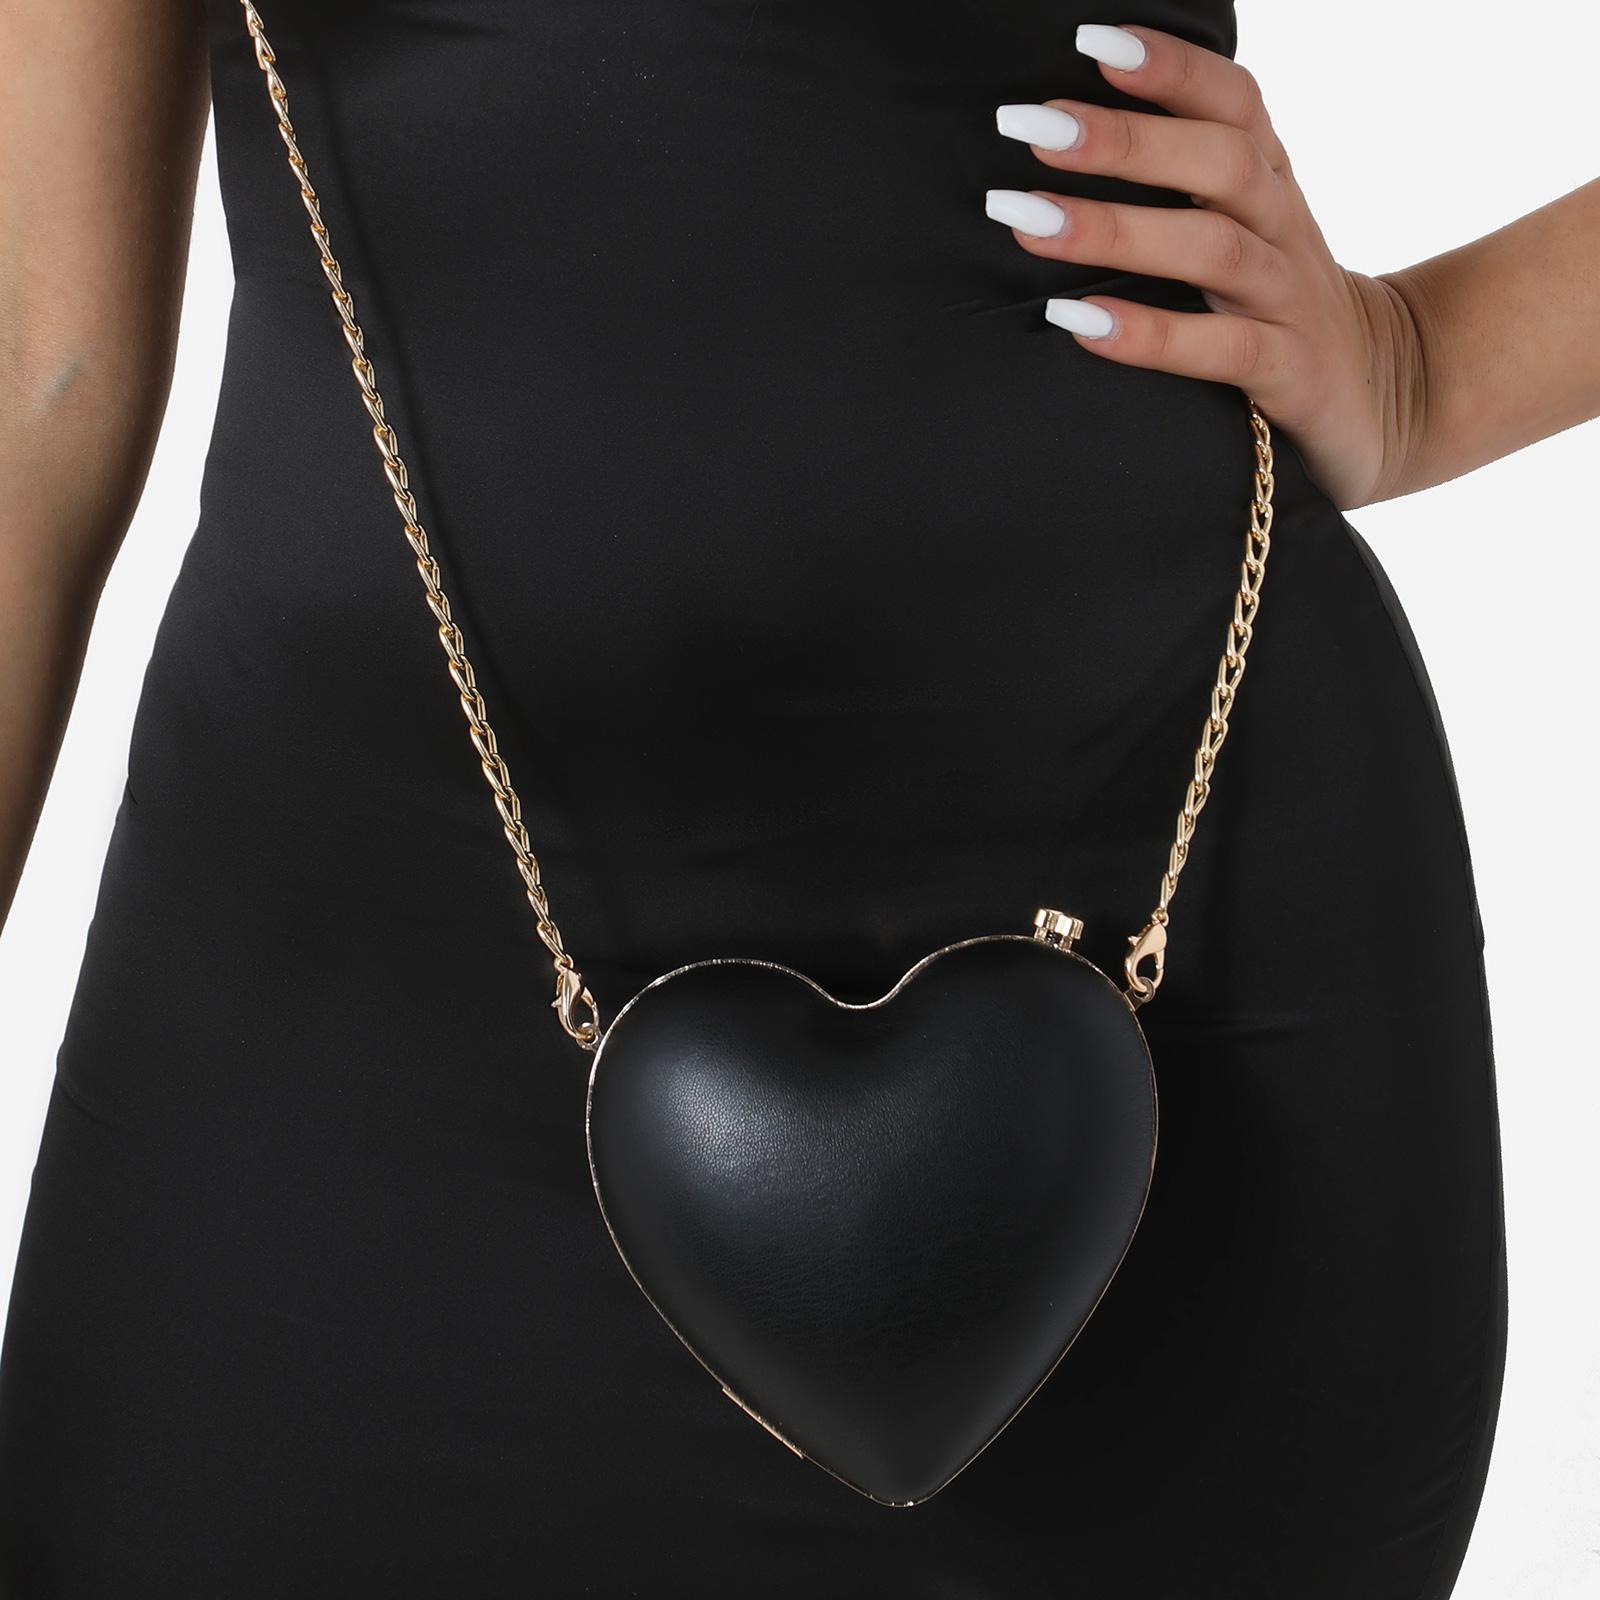 Heart Shape Cross Body Bag In Black Faux Leather